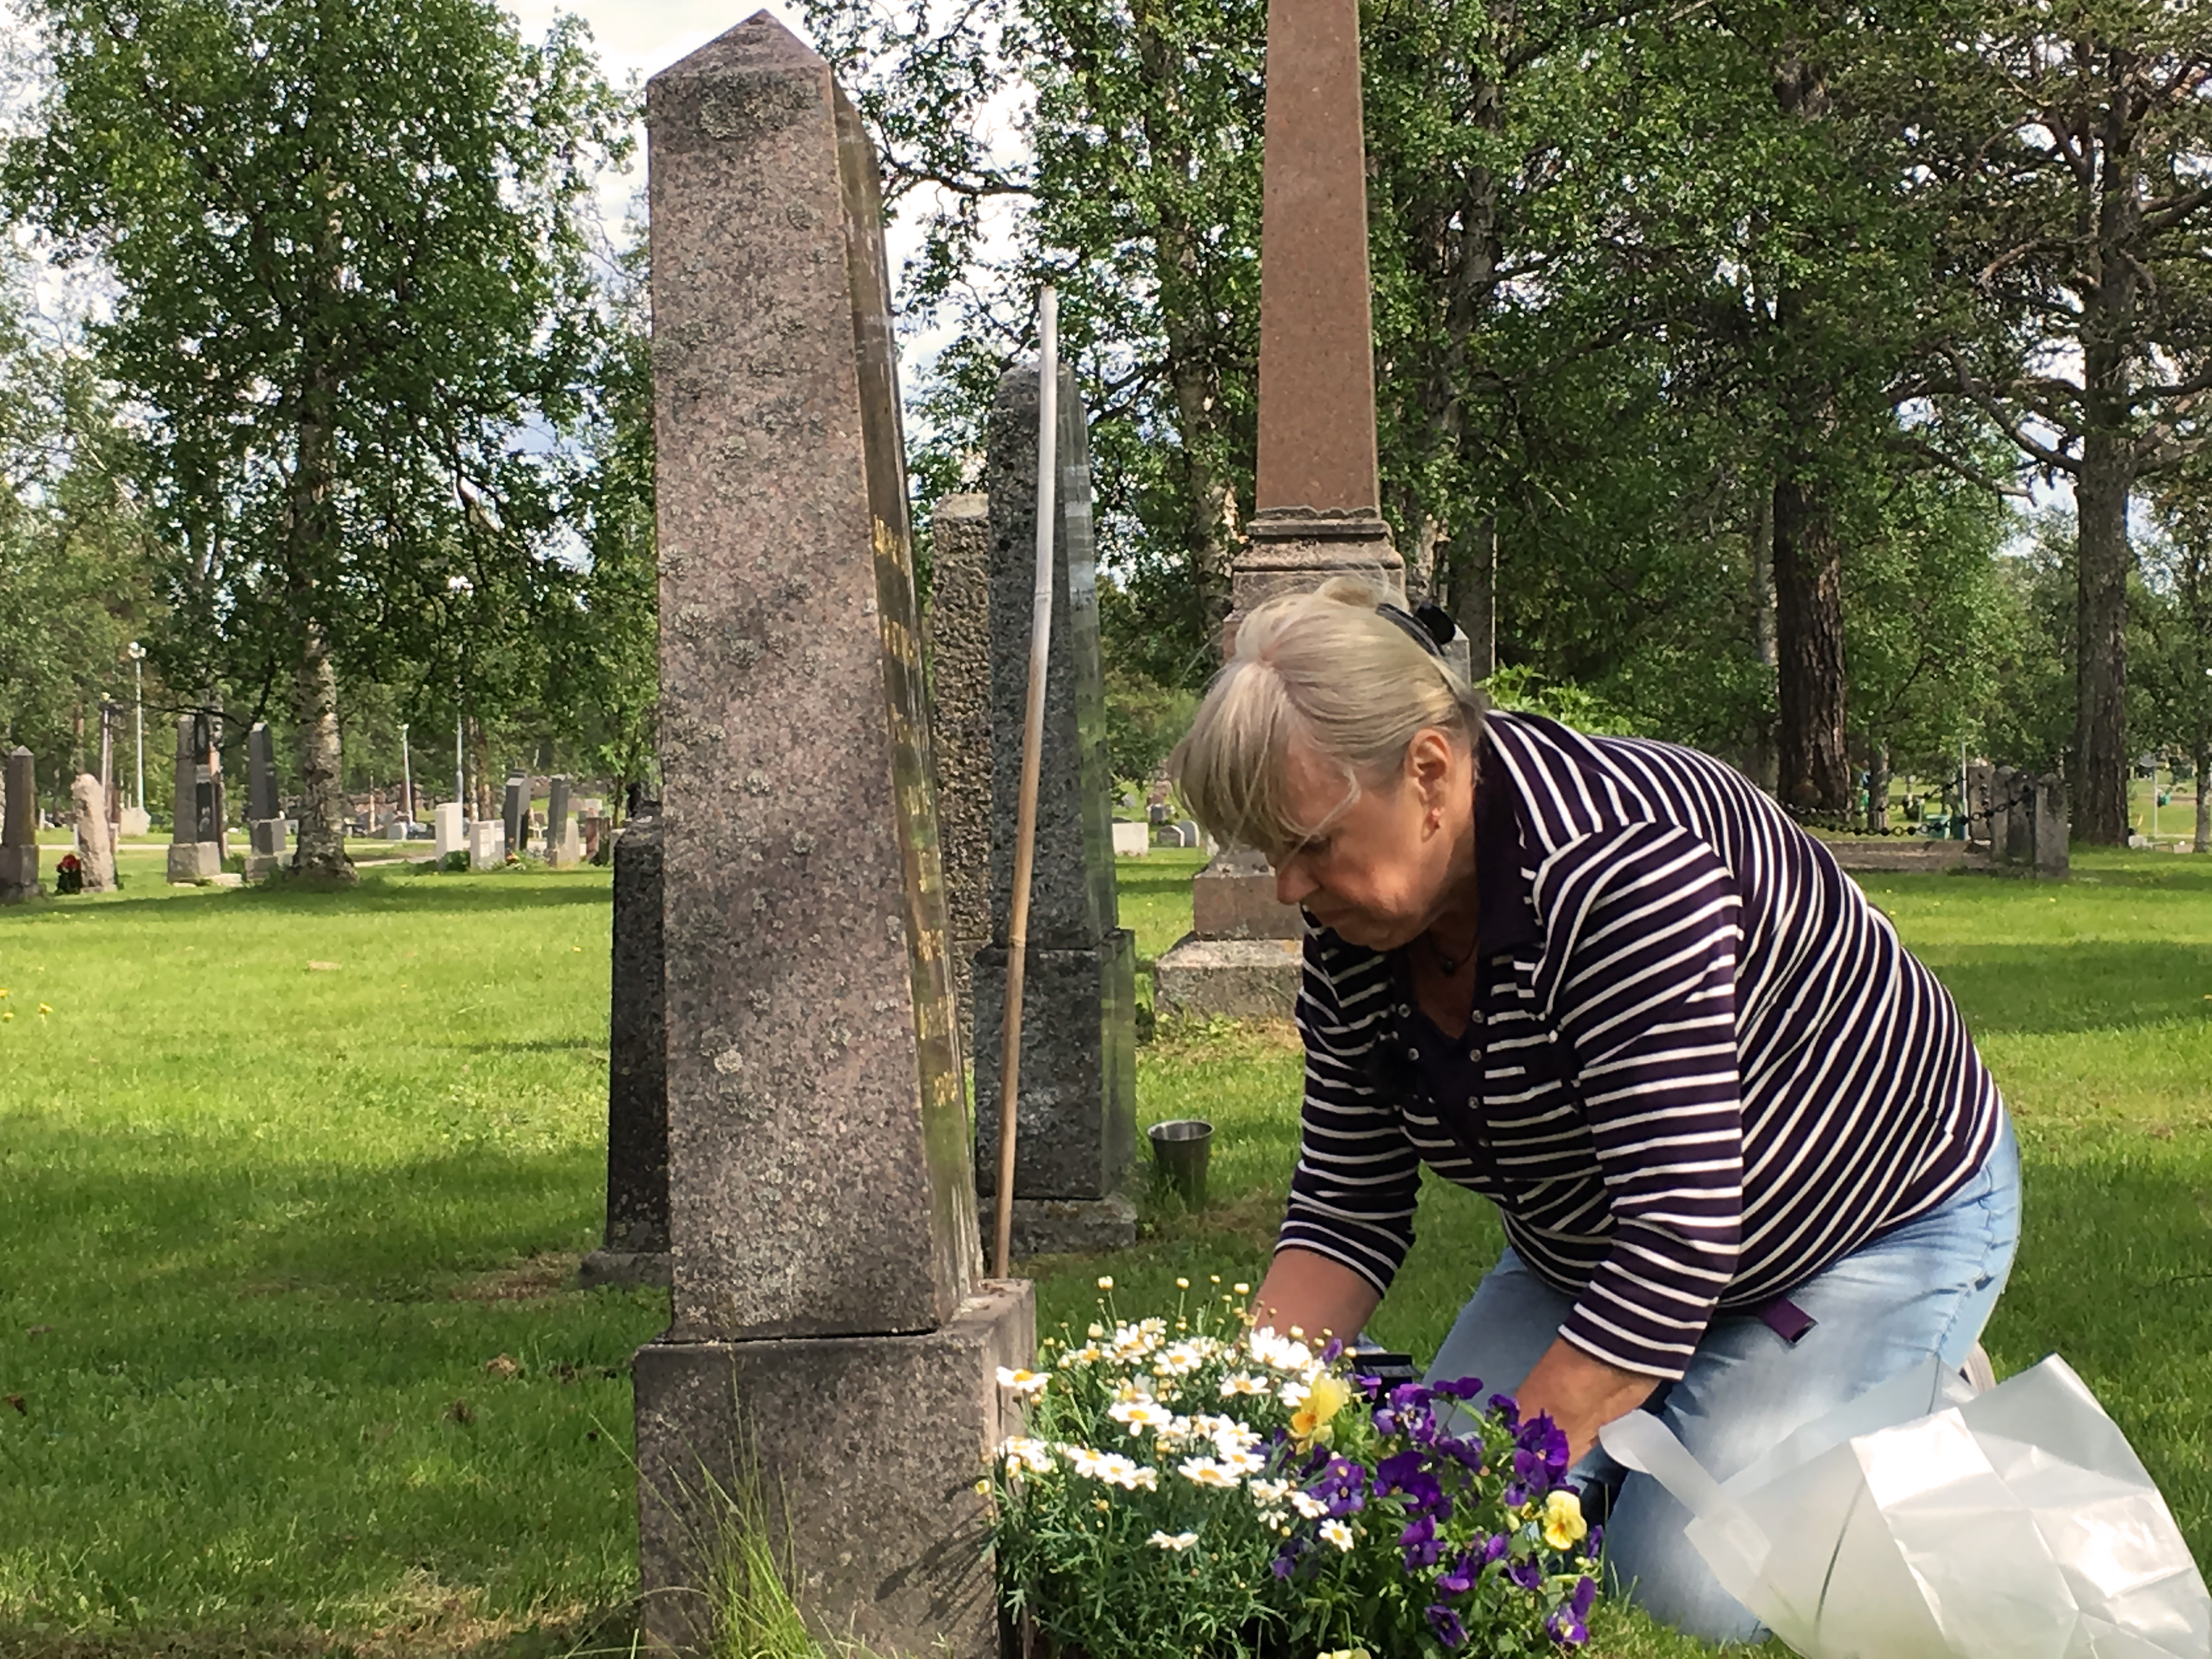 Vid graven mindre